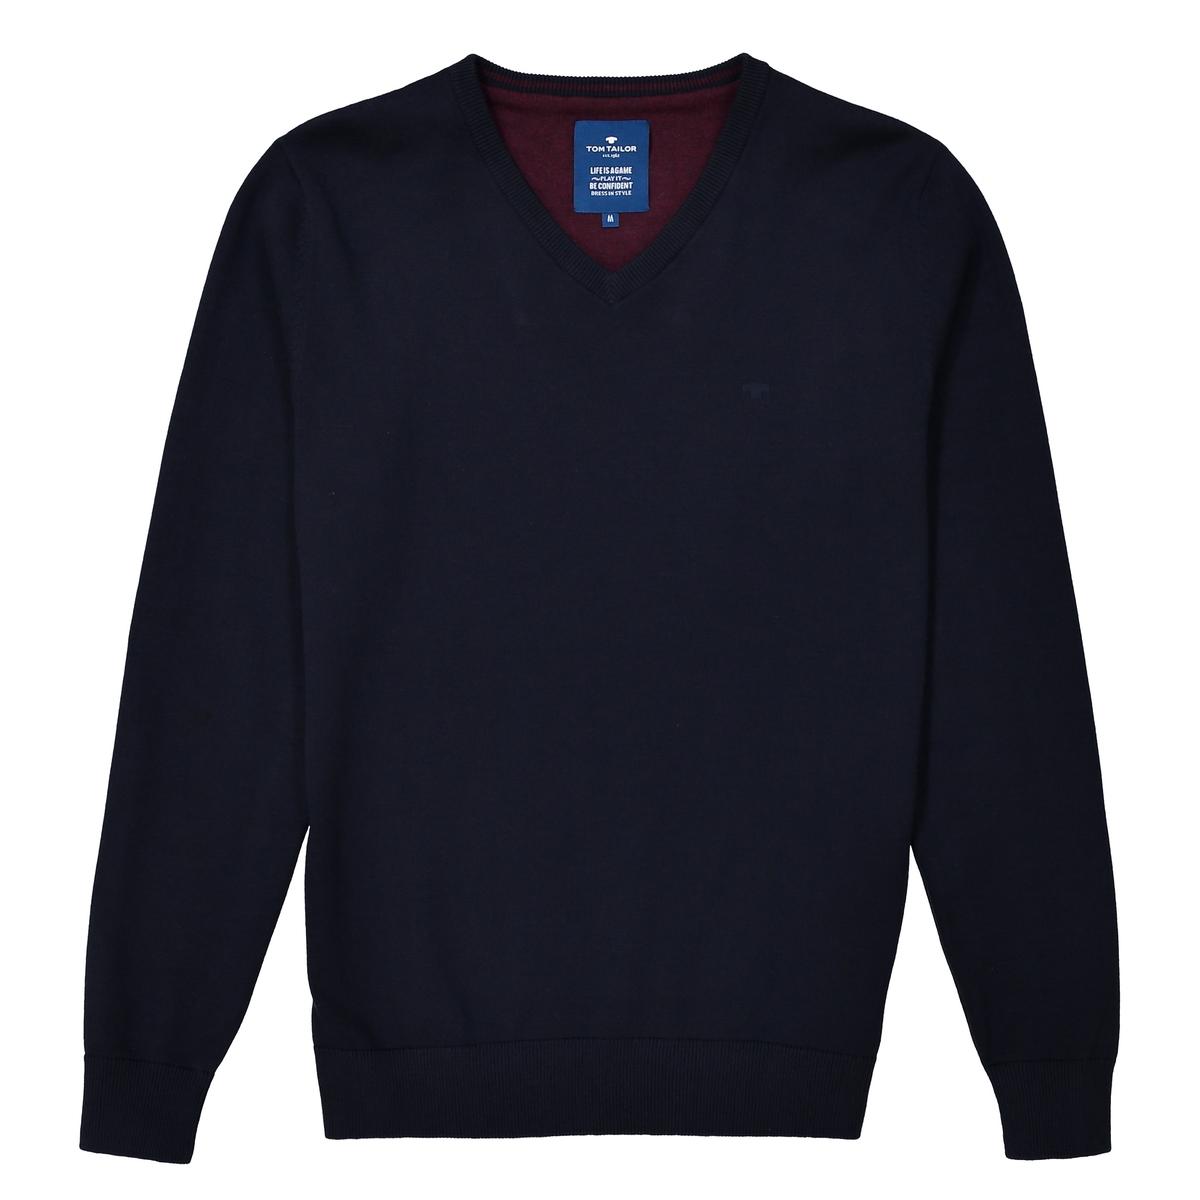 Пуловер из тонкого трикотажа с V-образным вырезомДетали •  Длинные рукава •   V-образный вырез •  Тонкий трикотажСостав и уход •  100% хлопок •  Следуйте рекомендациям по уходу, указанным на этикетке изделия<br><br>Цвет: синий морской<br>Размер: L